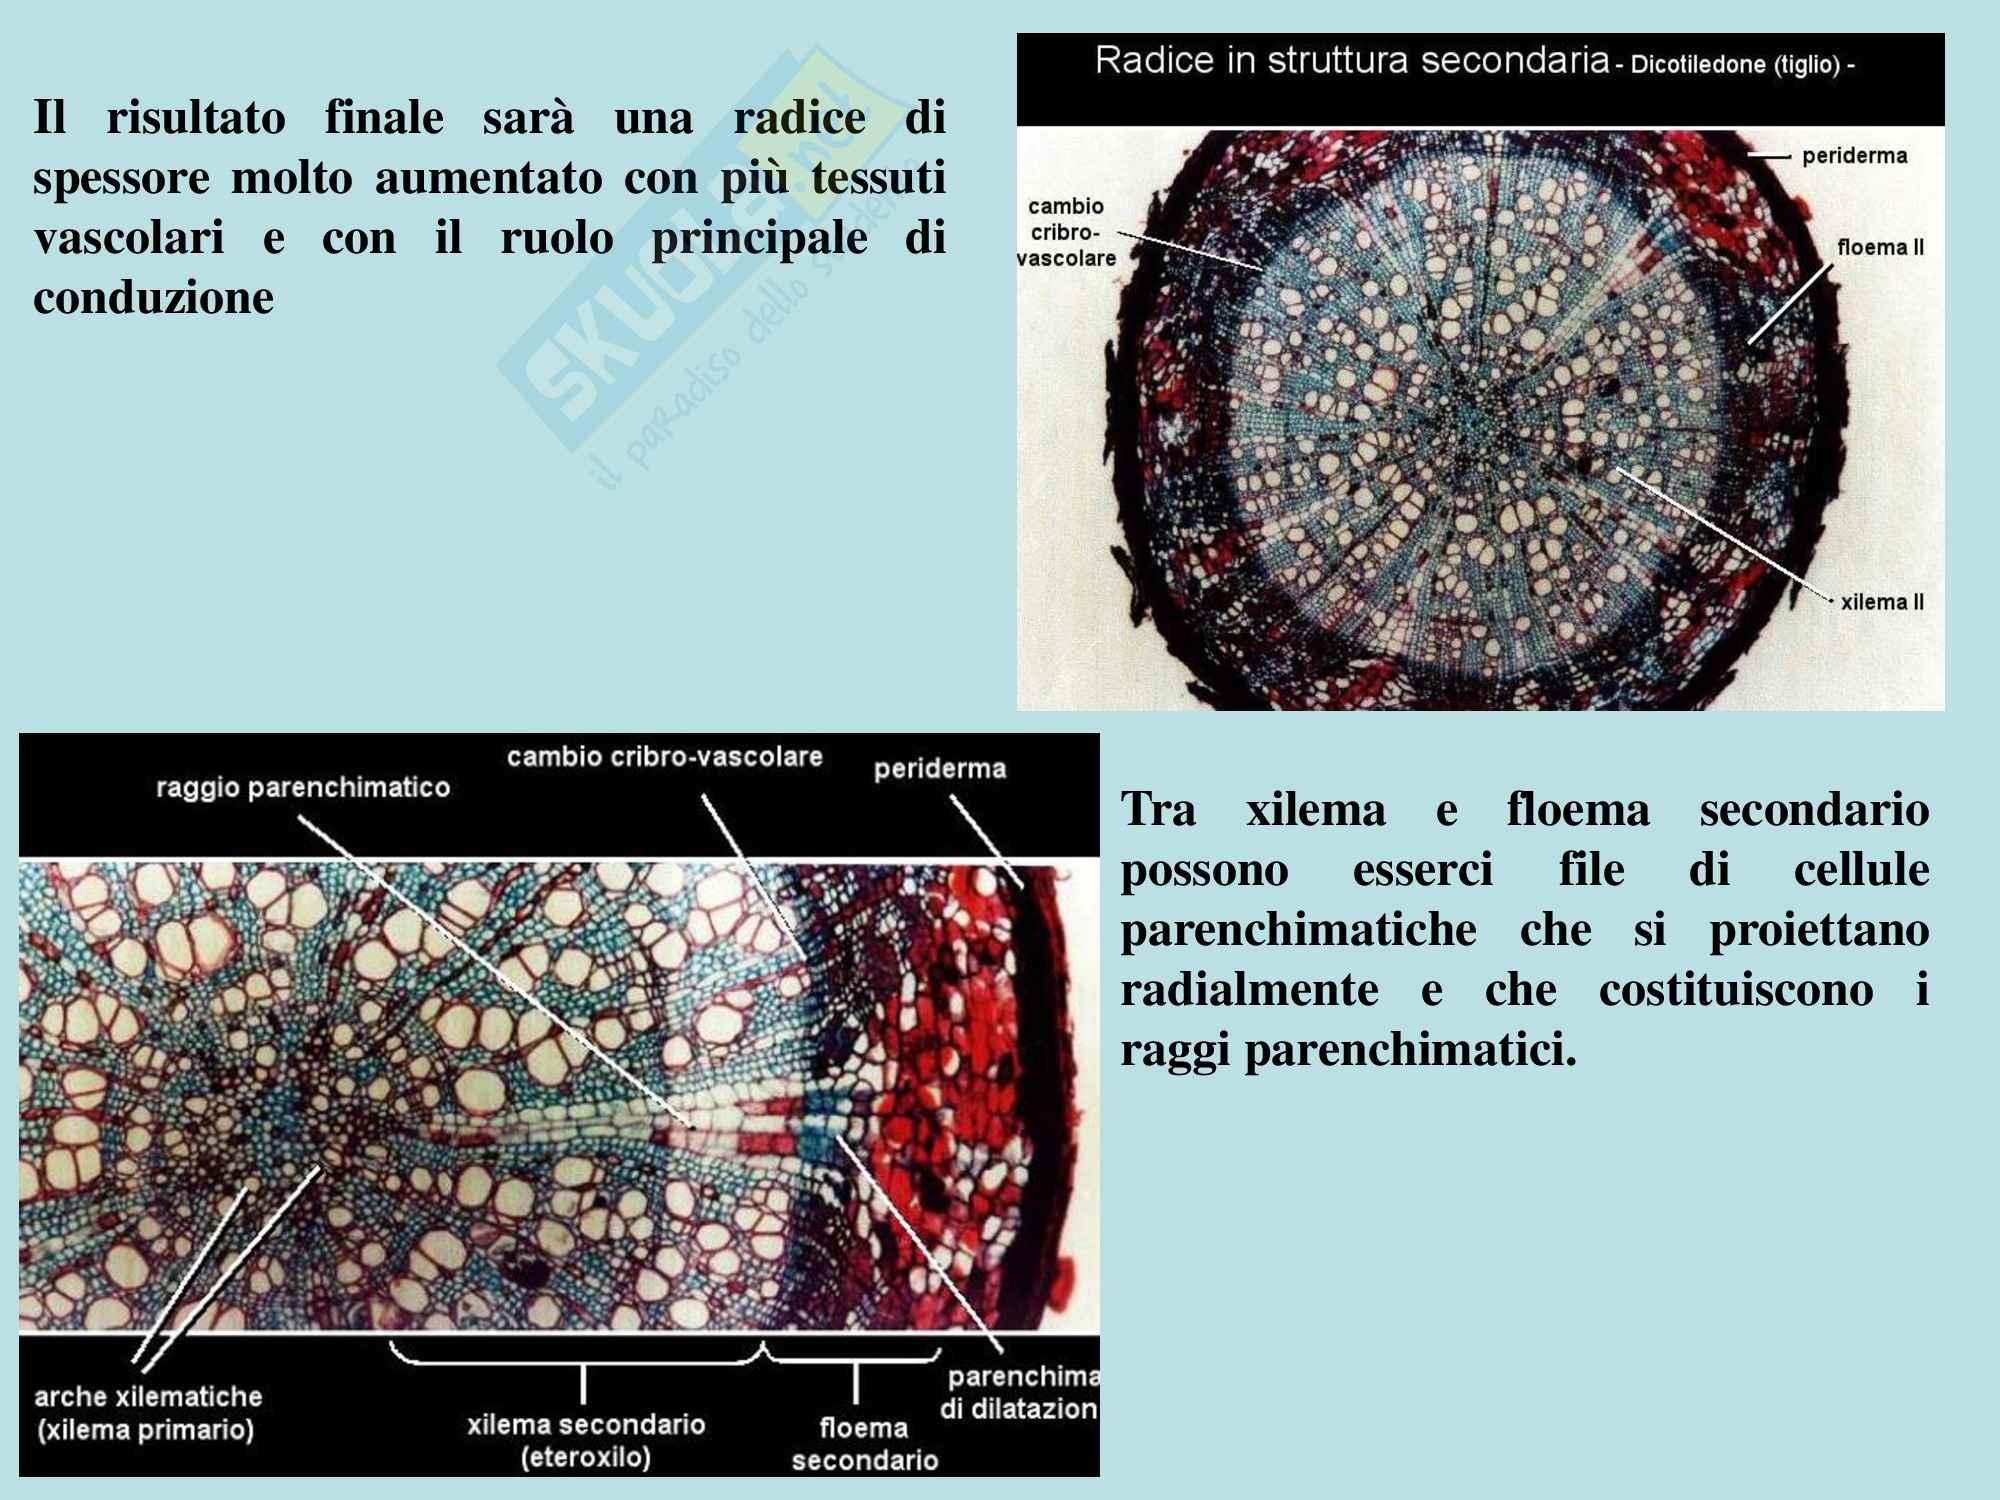 Biologia vegetale - struttura e funzioni della radice Pag. 26